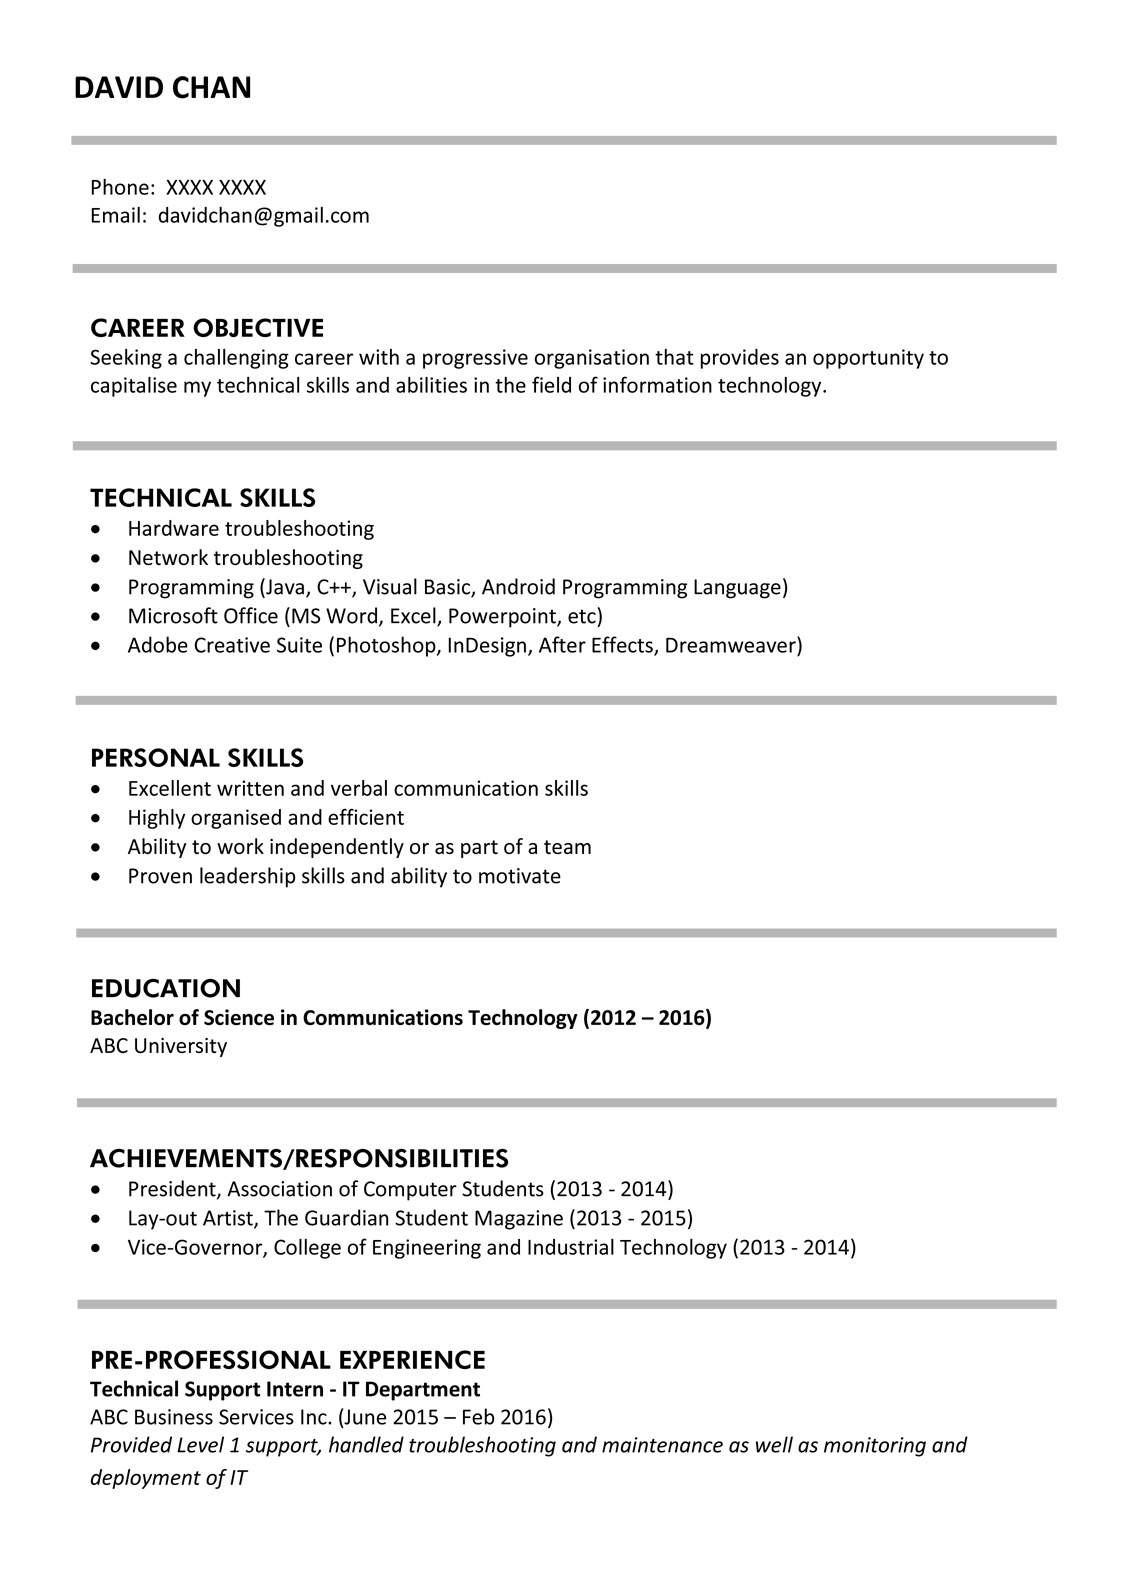 resume templates fresh graduateml